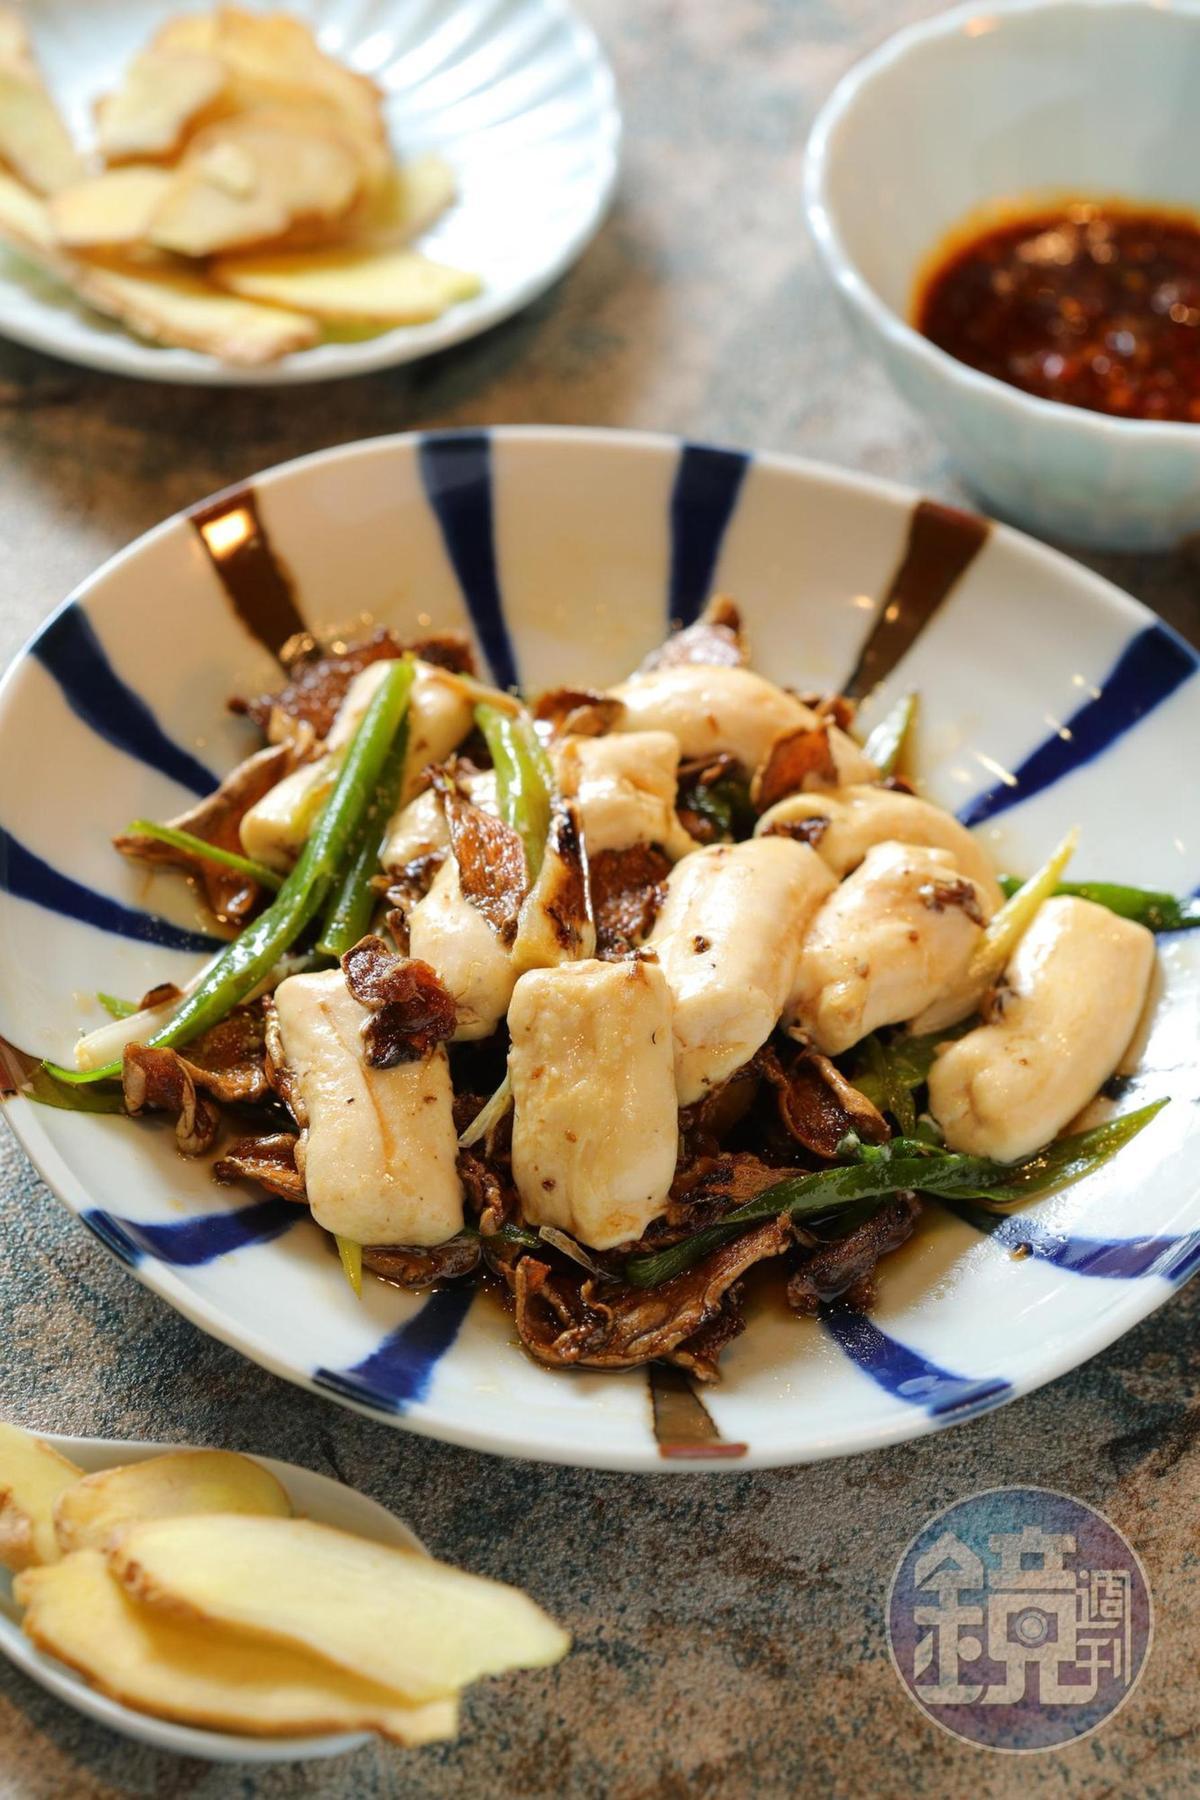 「薑片麻油牛骨髓」麻油爆薑片炒軟嫩如豆腐的骨髓,香氣滿點。(250元/份)